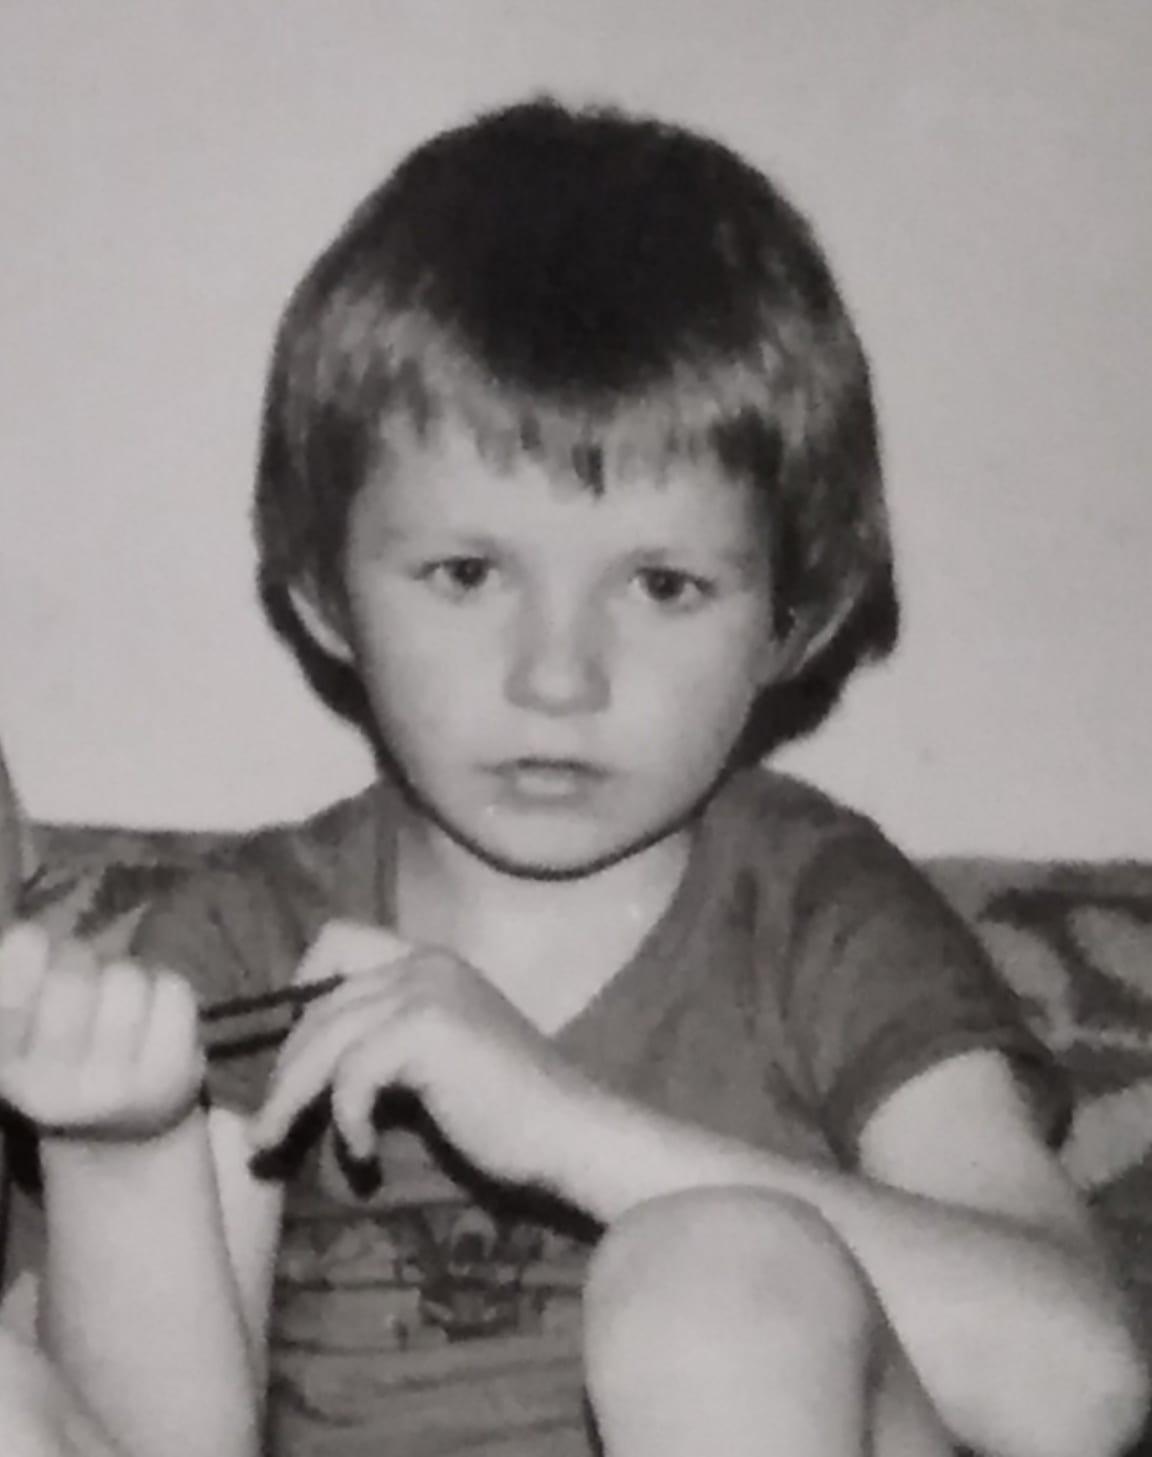 Vladen as a kid